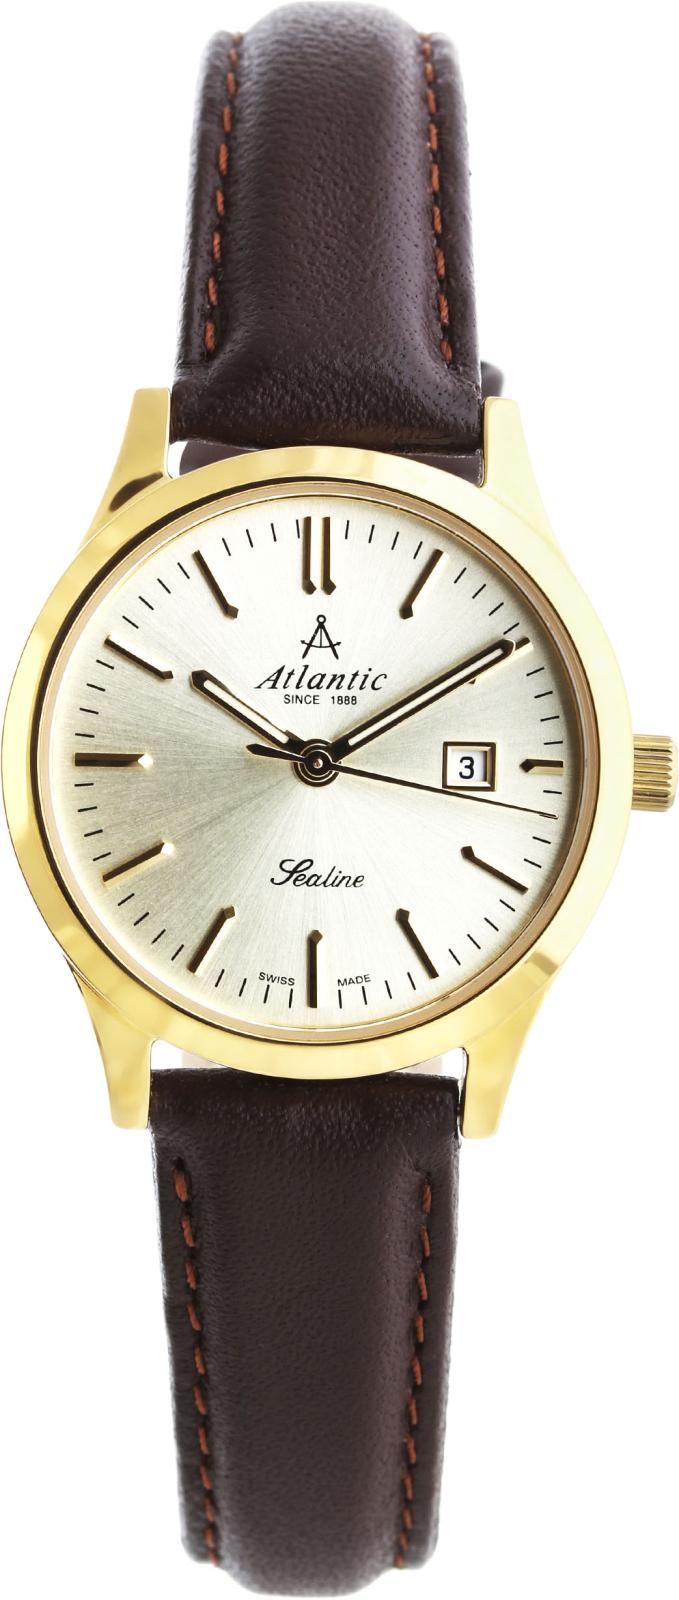 Atlantic Sealine 22341.45.31Наручные часы<br>Швейцарские часы Atlantic Sealine 22341.45.31<br><br>Пол: Женские<br>Страна-производитель: Швейцария<br>Механизм: Кварцевый<br>Материал корпуса: Сталь<br>Материал ремня/браслета: Кожа<br>Водозащита, диапазон: None<br>Стекло: Сапфировое<br>Толщина корпуса: None<br>Стиль: None